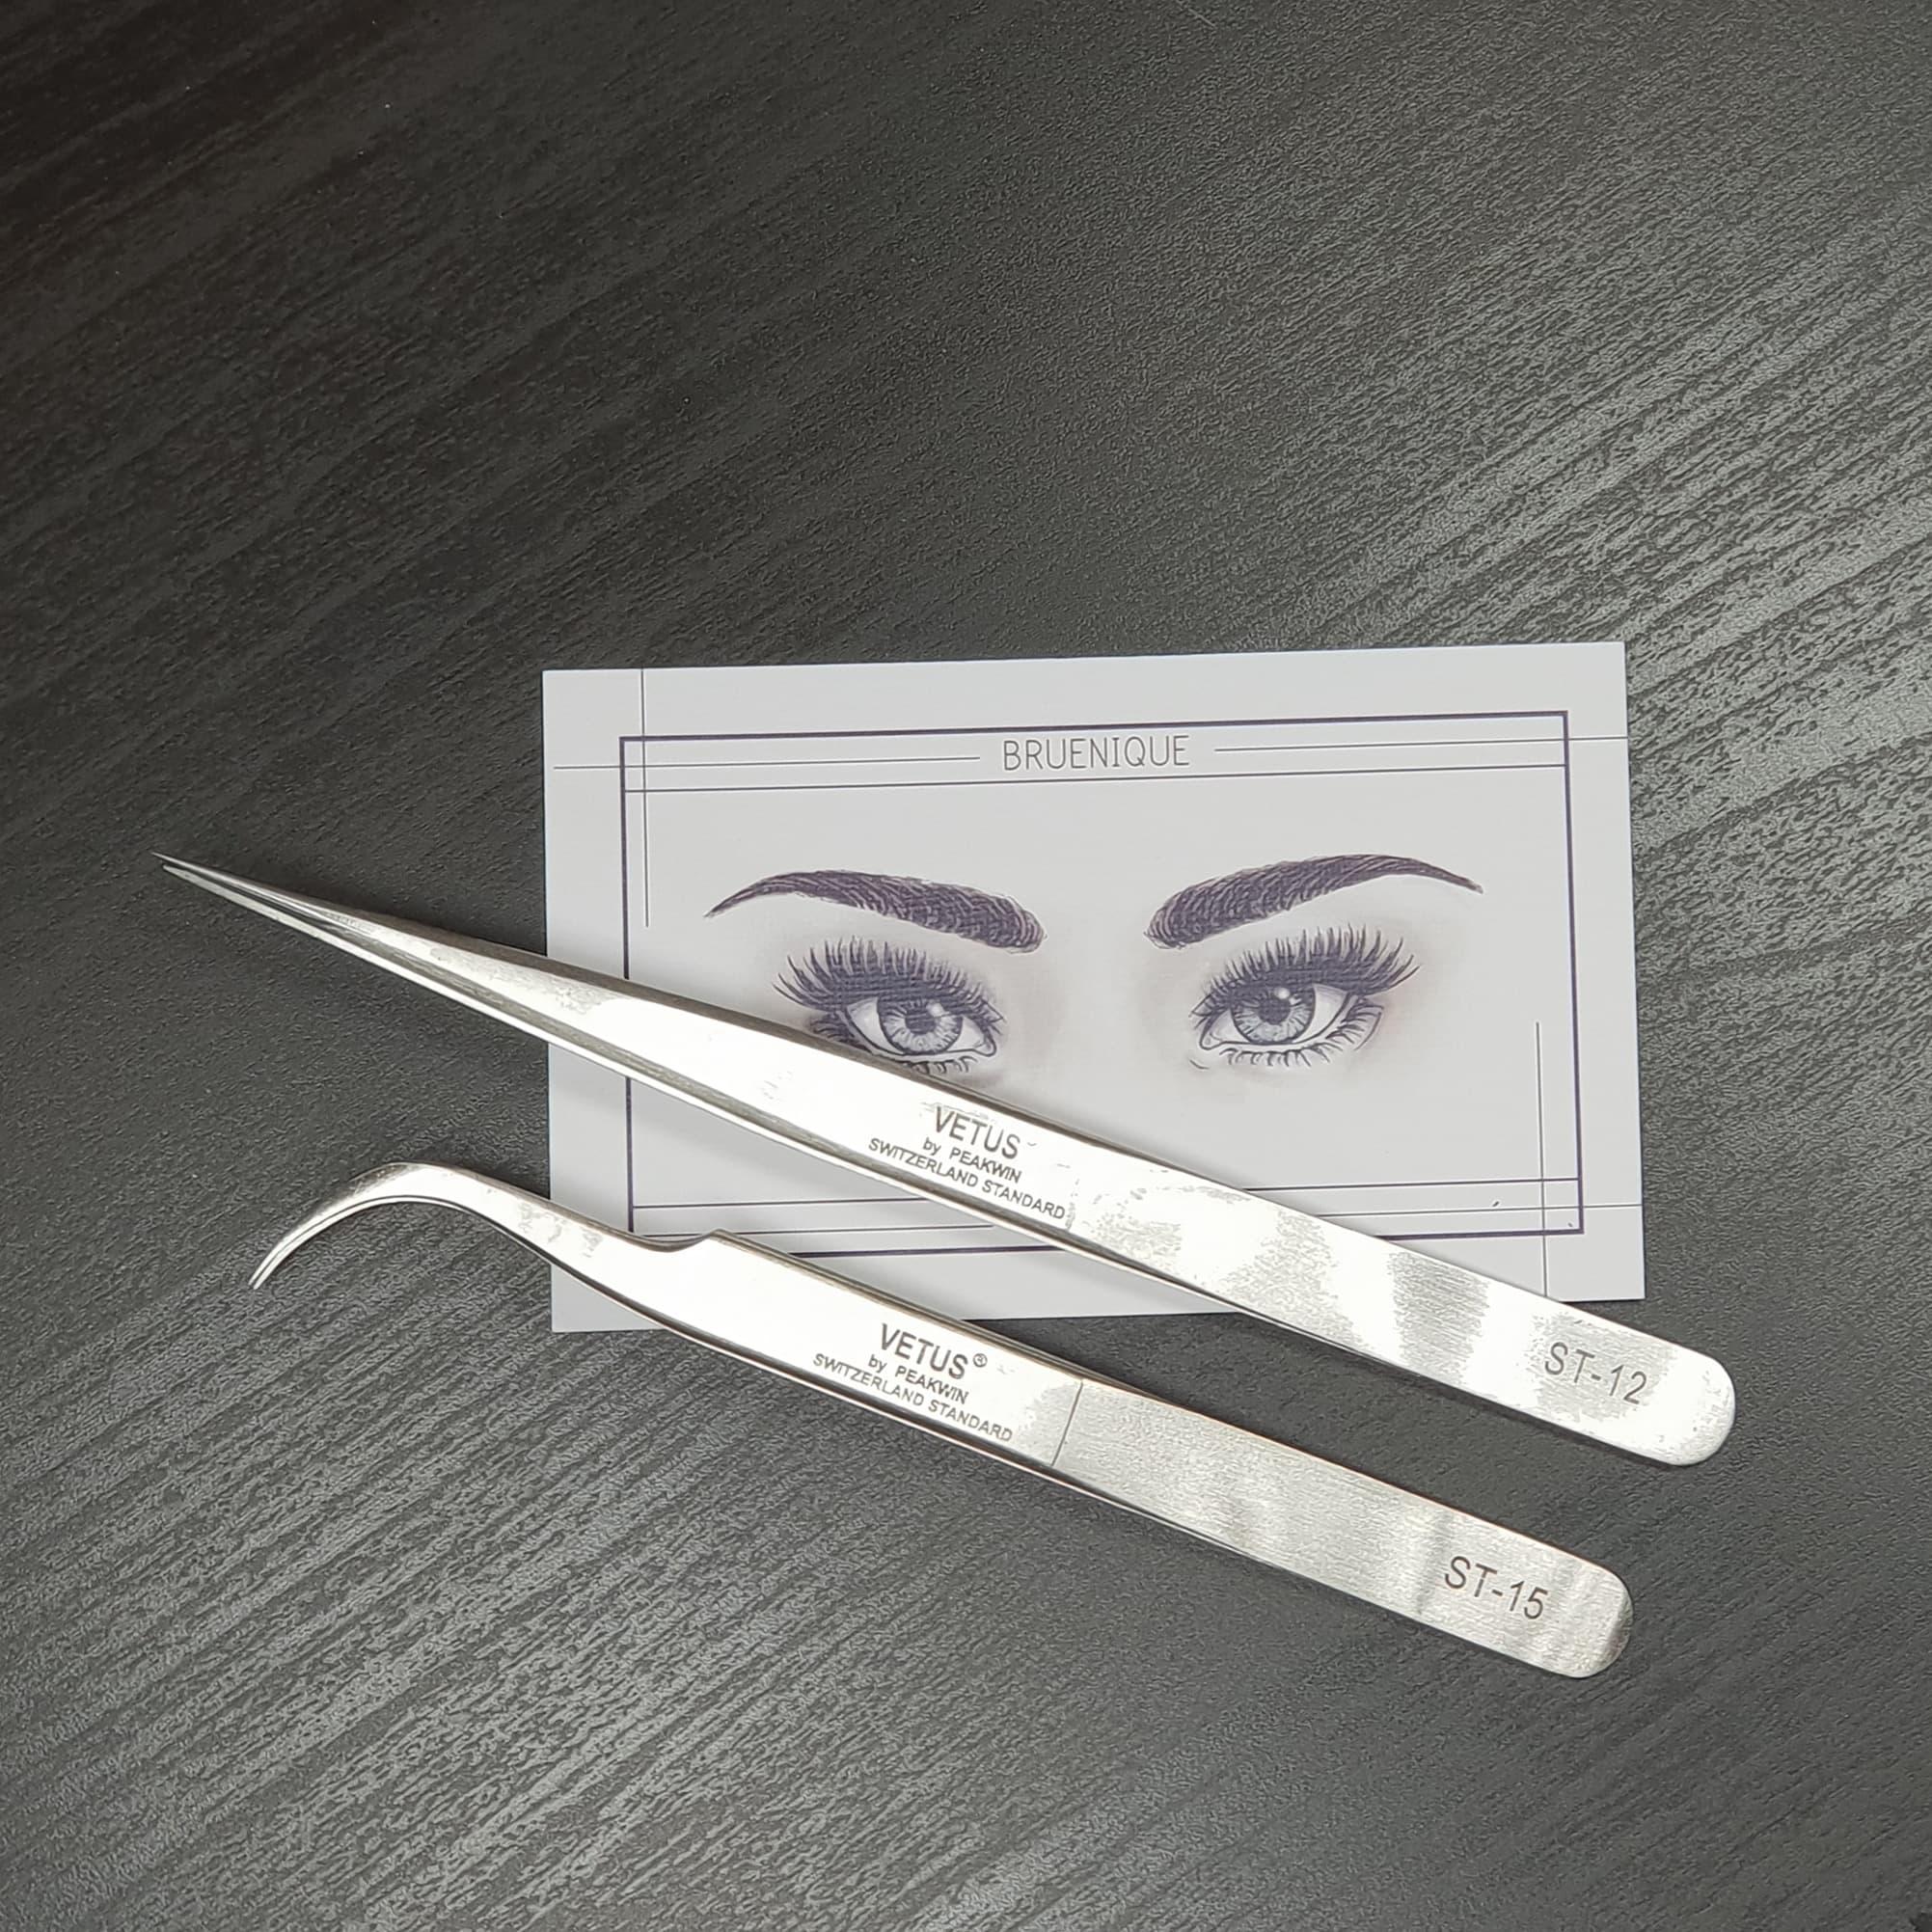 VETUS - ST-12 & ST-15 - pinset tweezer eyelash extension thumbnail